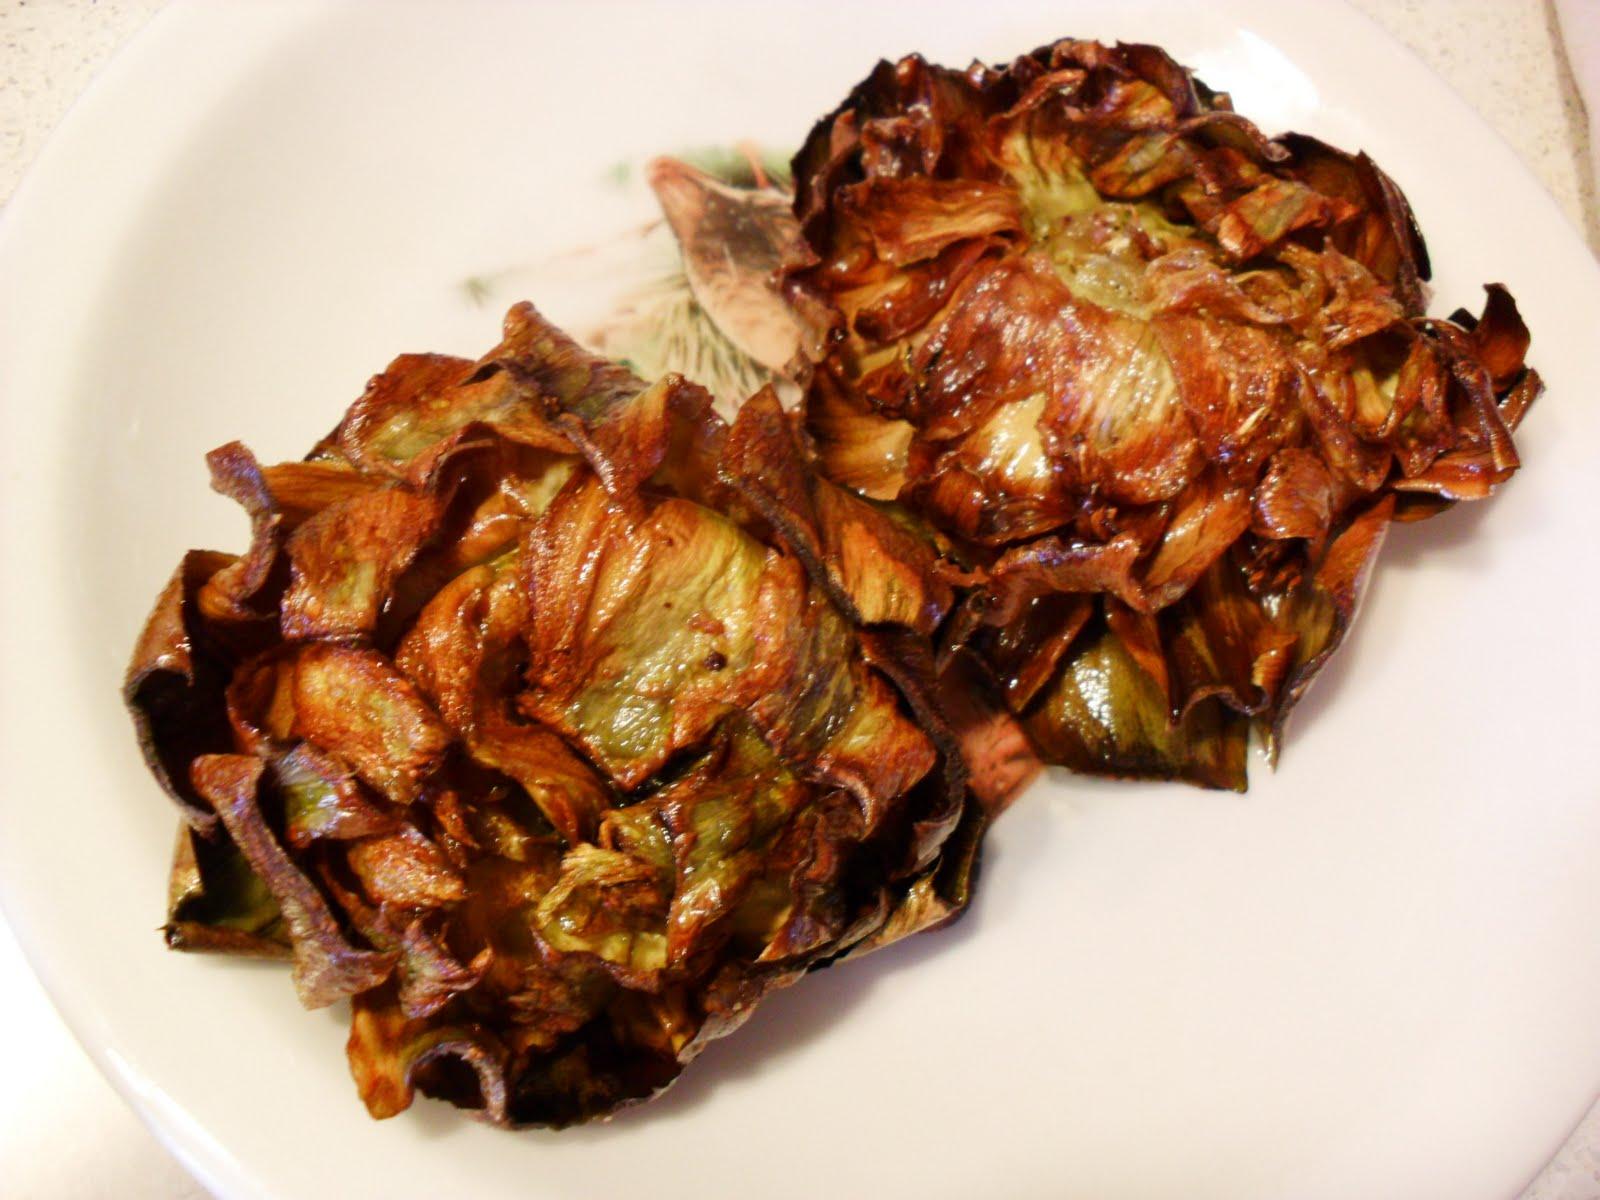 Carciofi alla giudia piatti tipici del lazio italy eat food for Piatti tipici della cucina romana